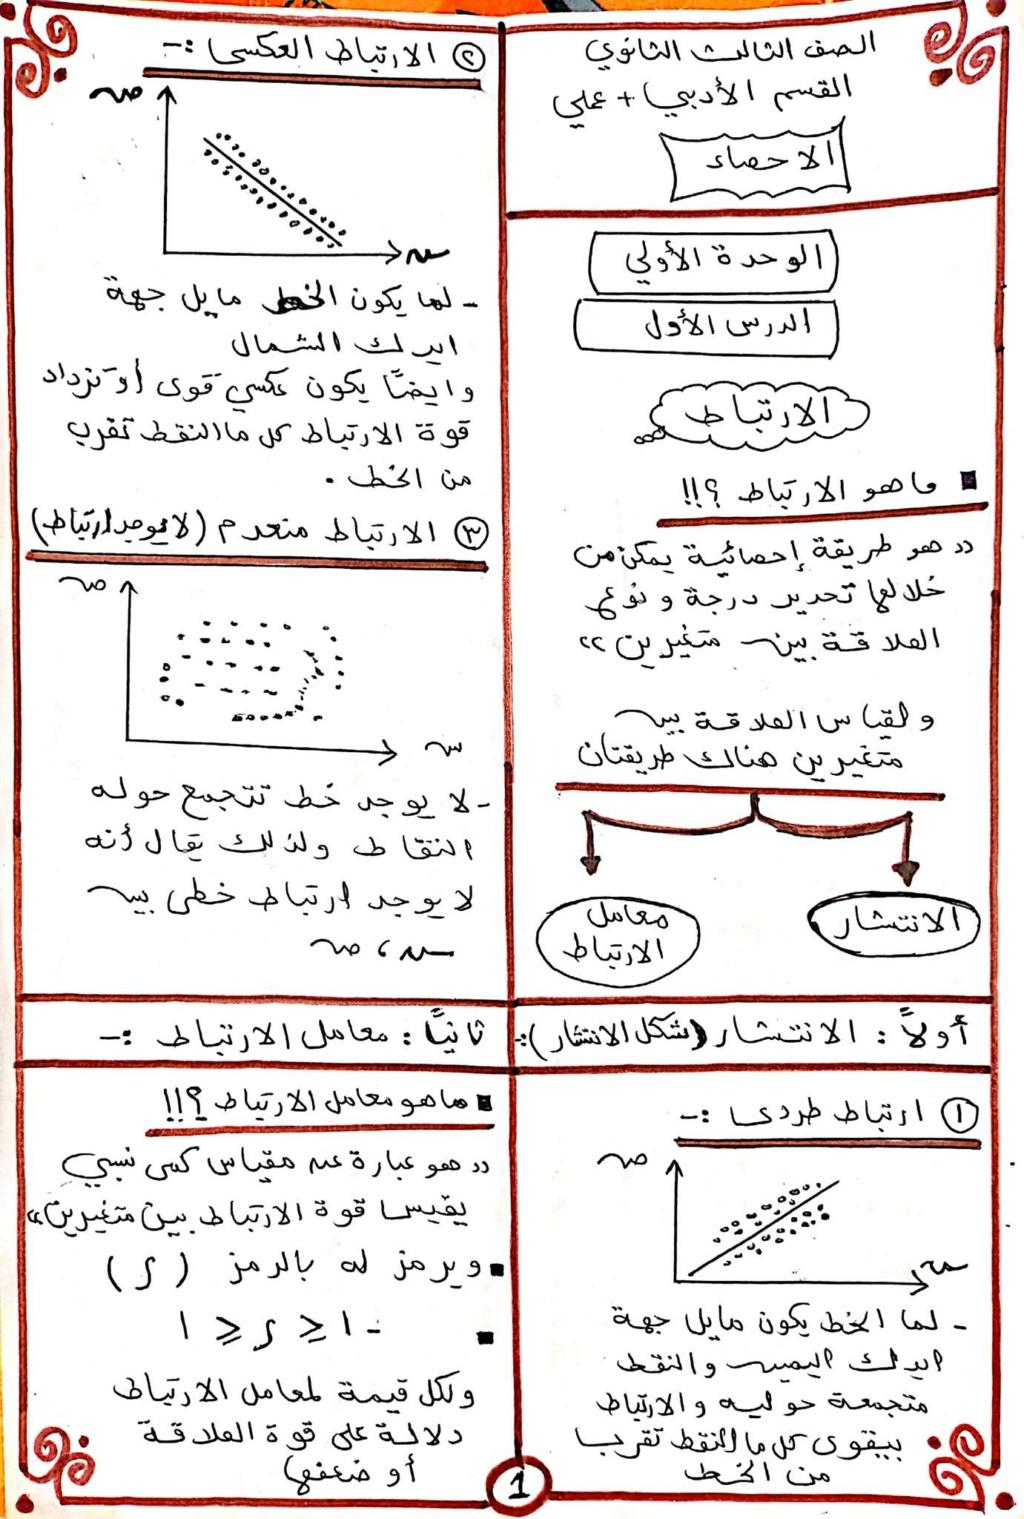 مراجعة احصاء الصف الثالث الثانوي أ/ محمود مرزوق خلاف 1500